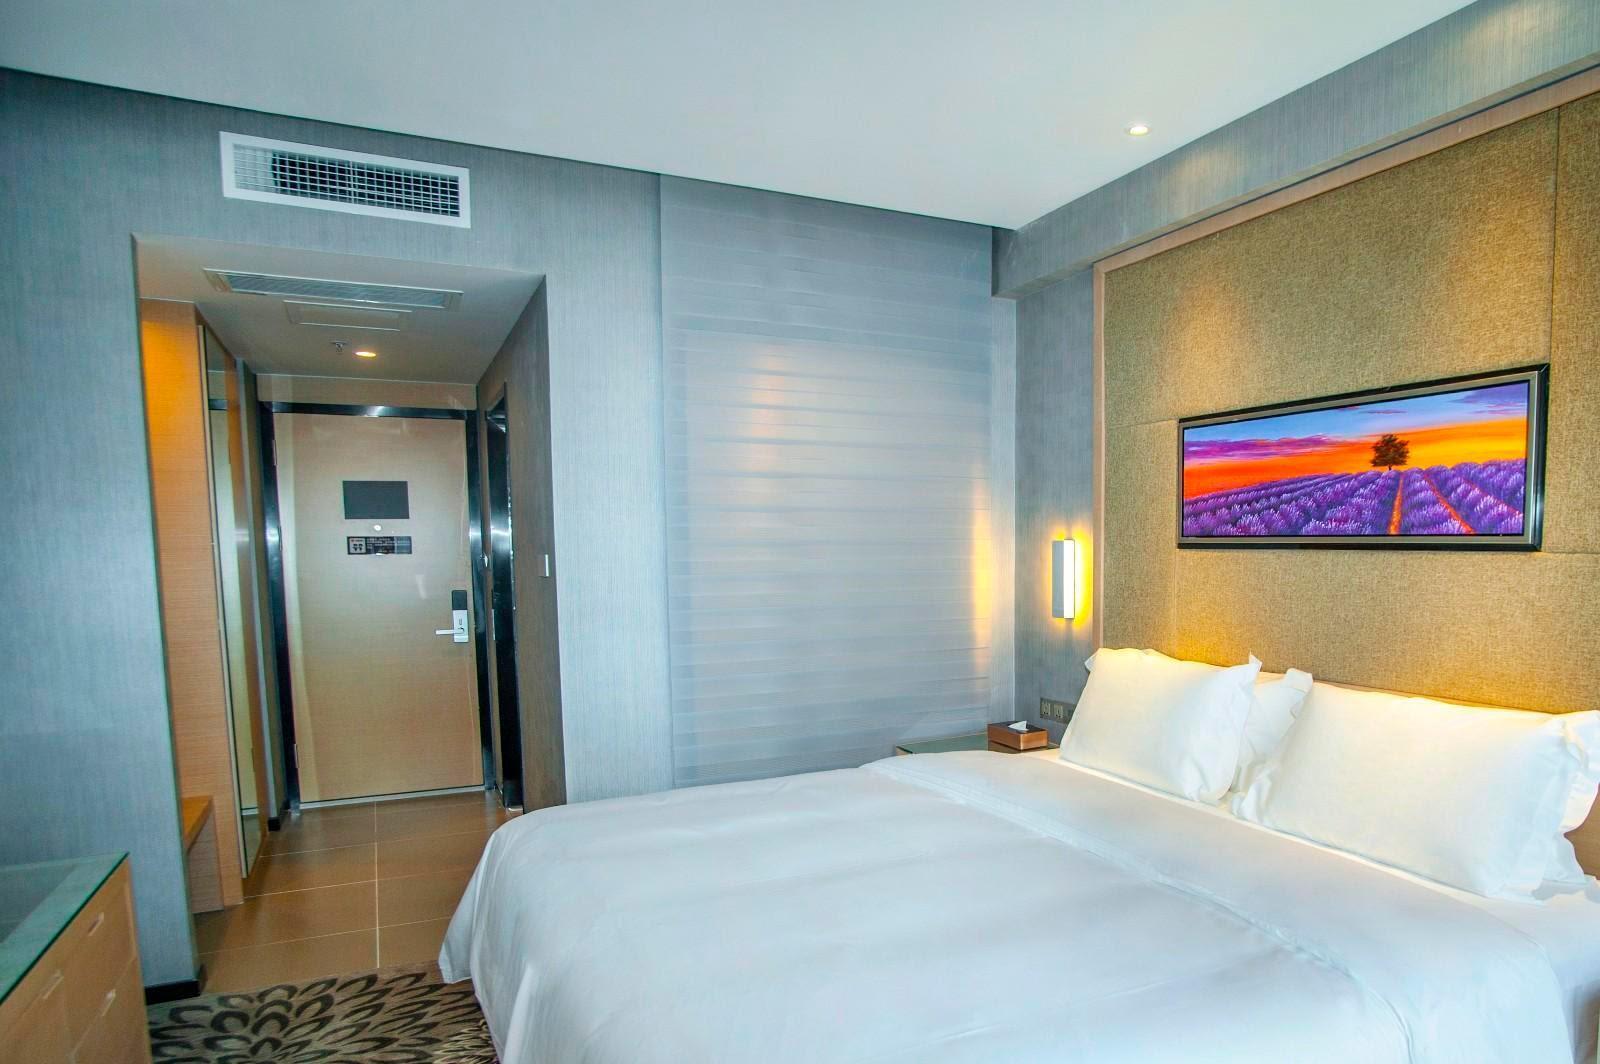 Lavande Hotel Pixian Shudu Wanda Plaza Reviews